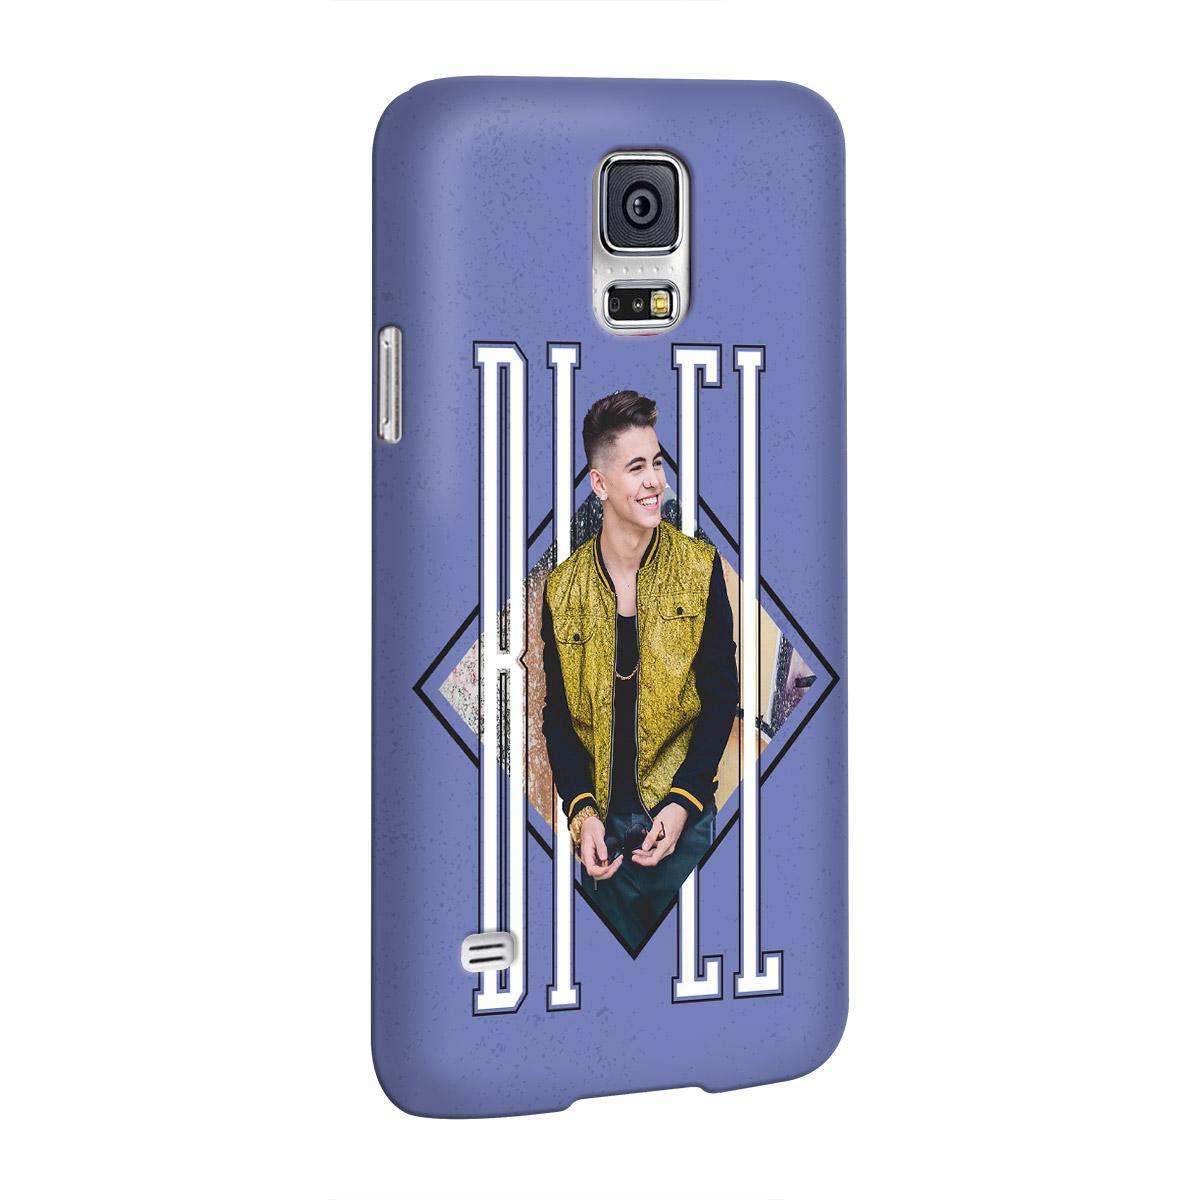 Capa para Samsung Galaxy S5 Biel Type